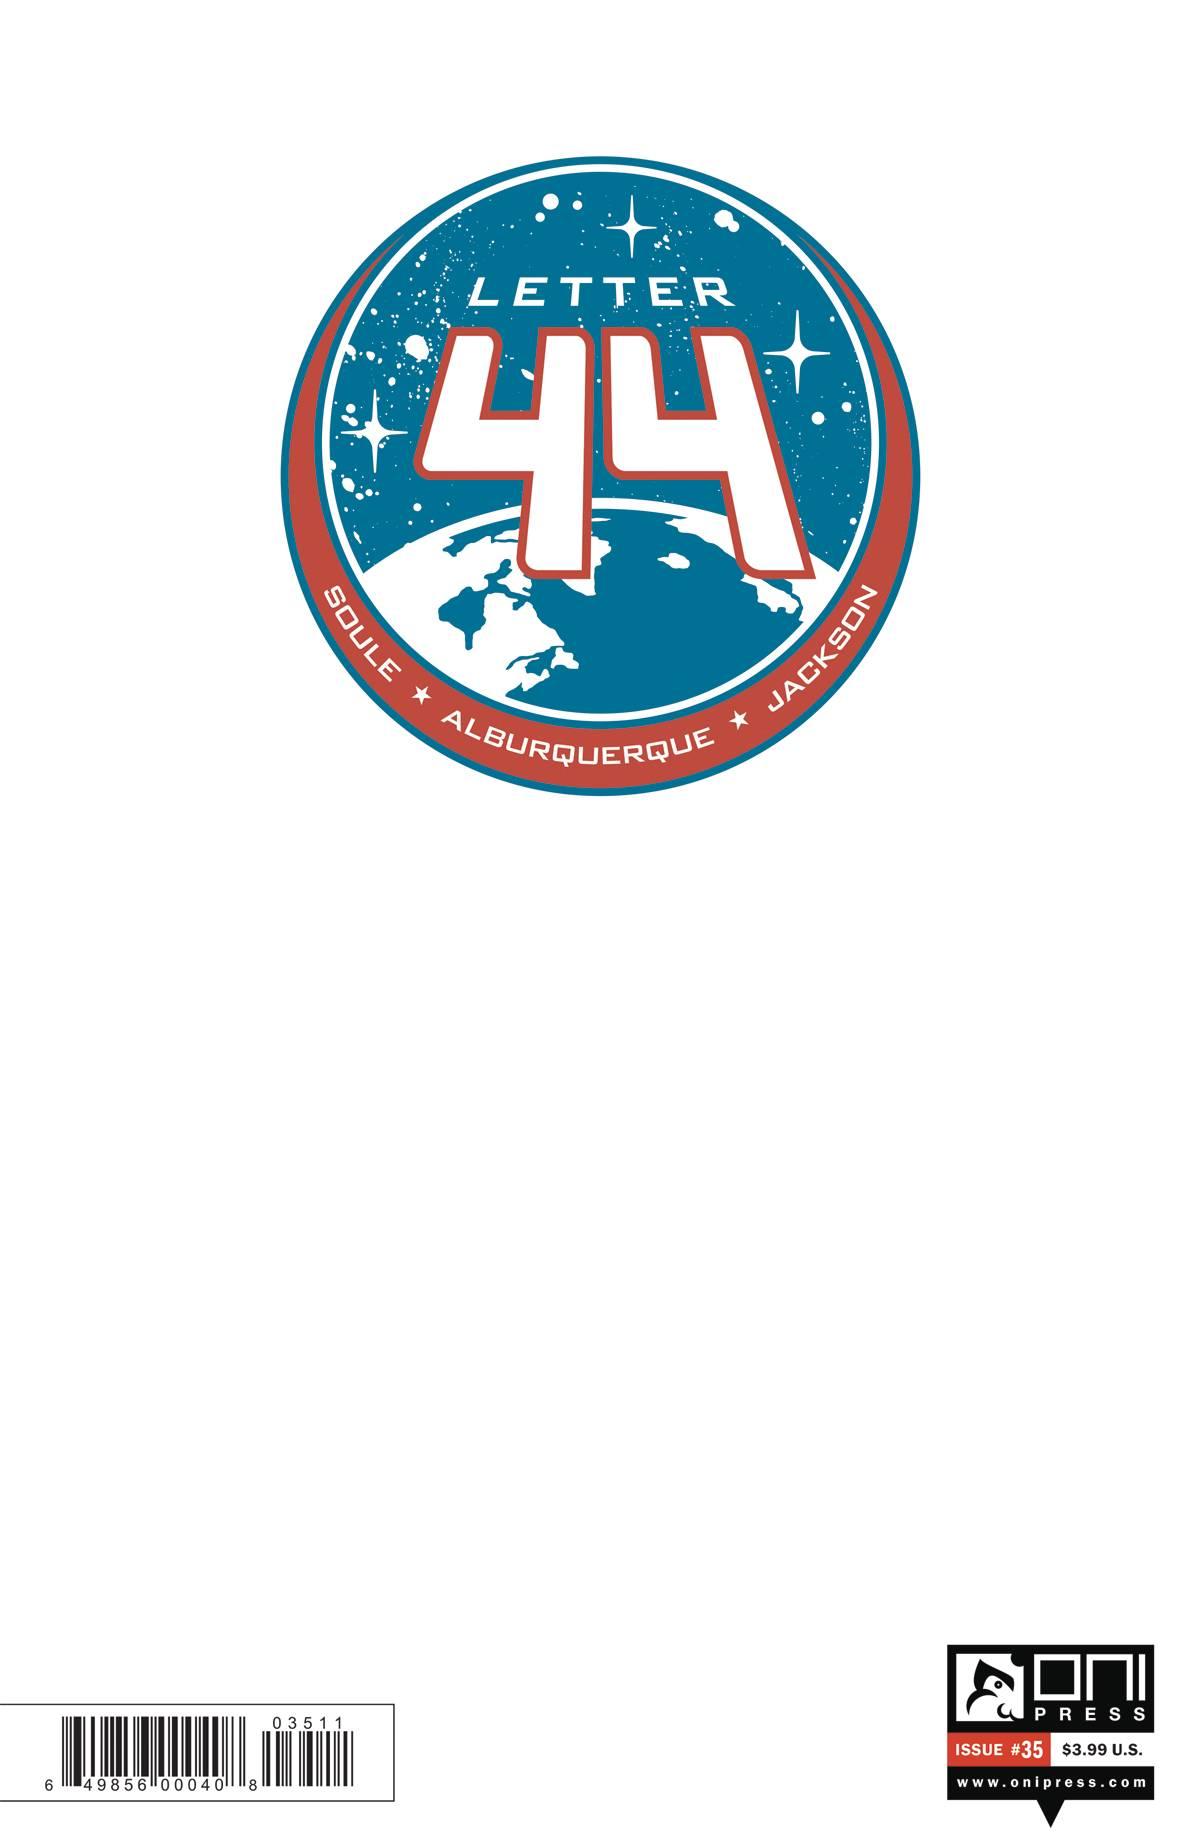 LETTER 44 35